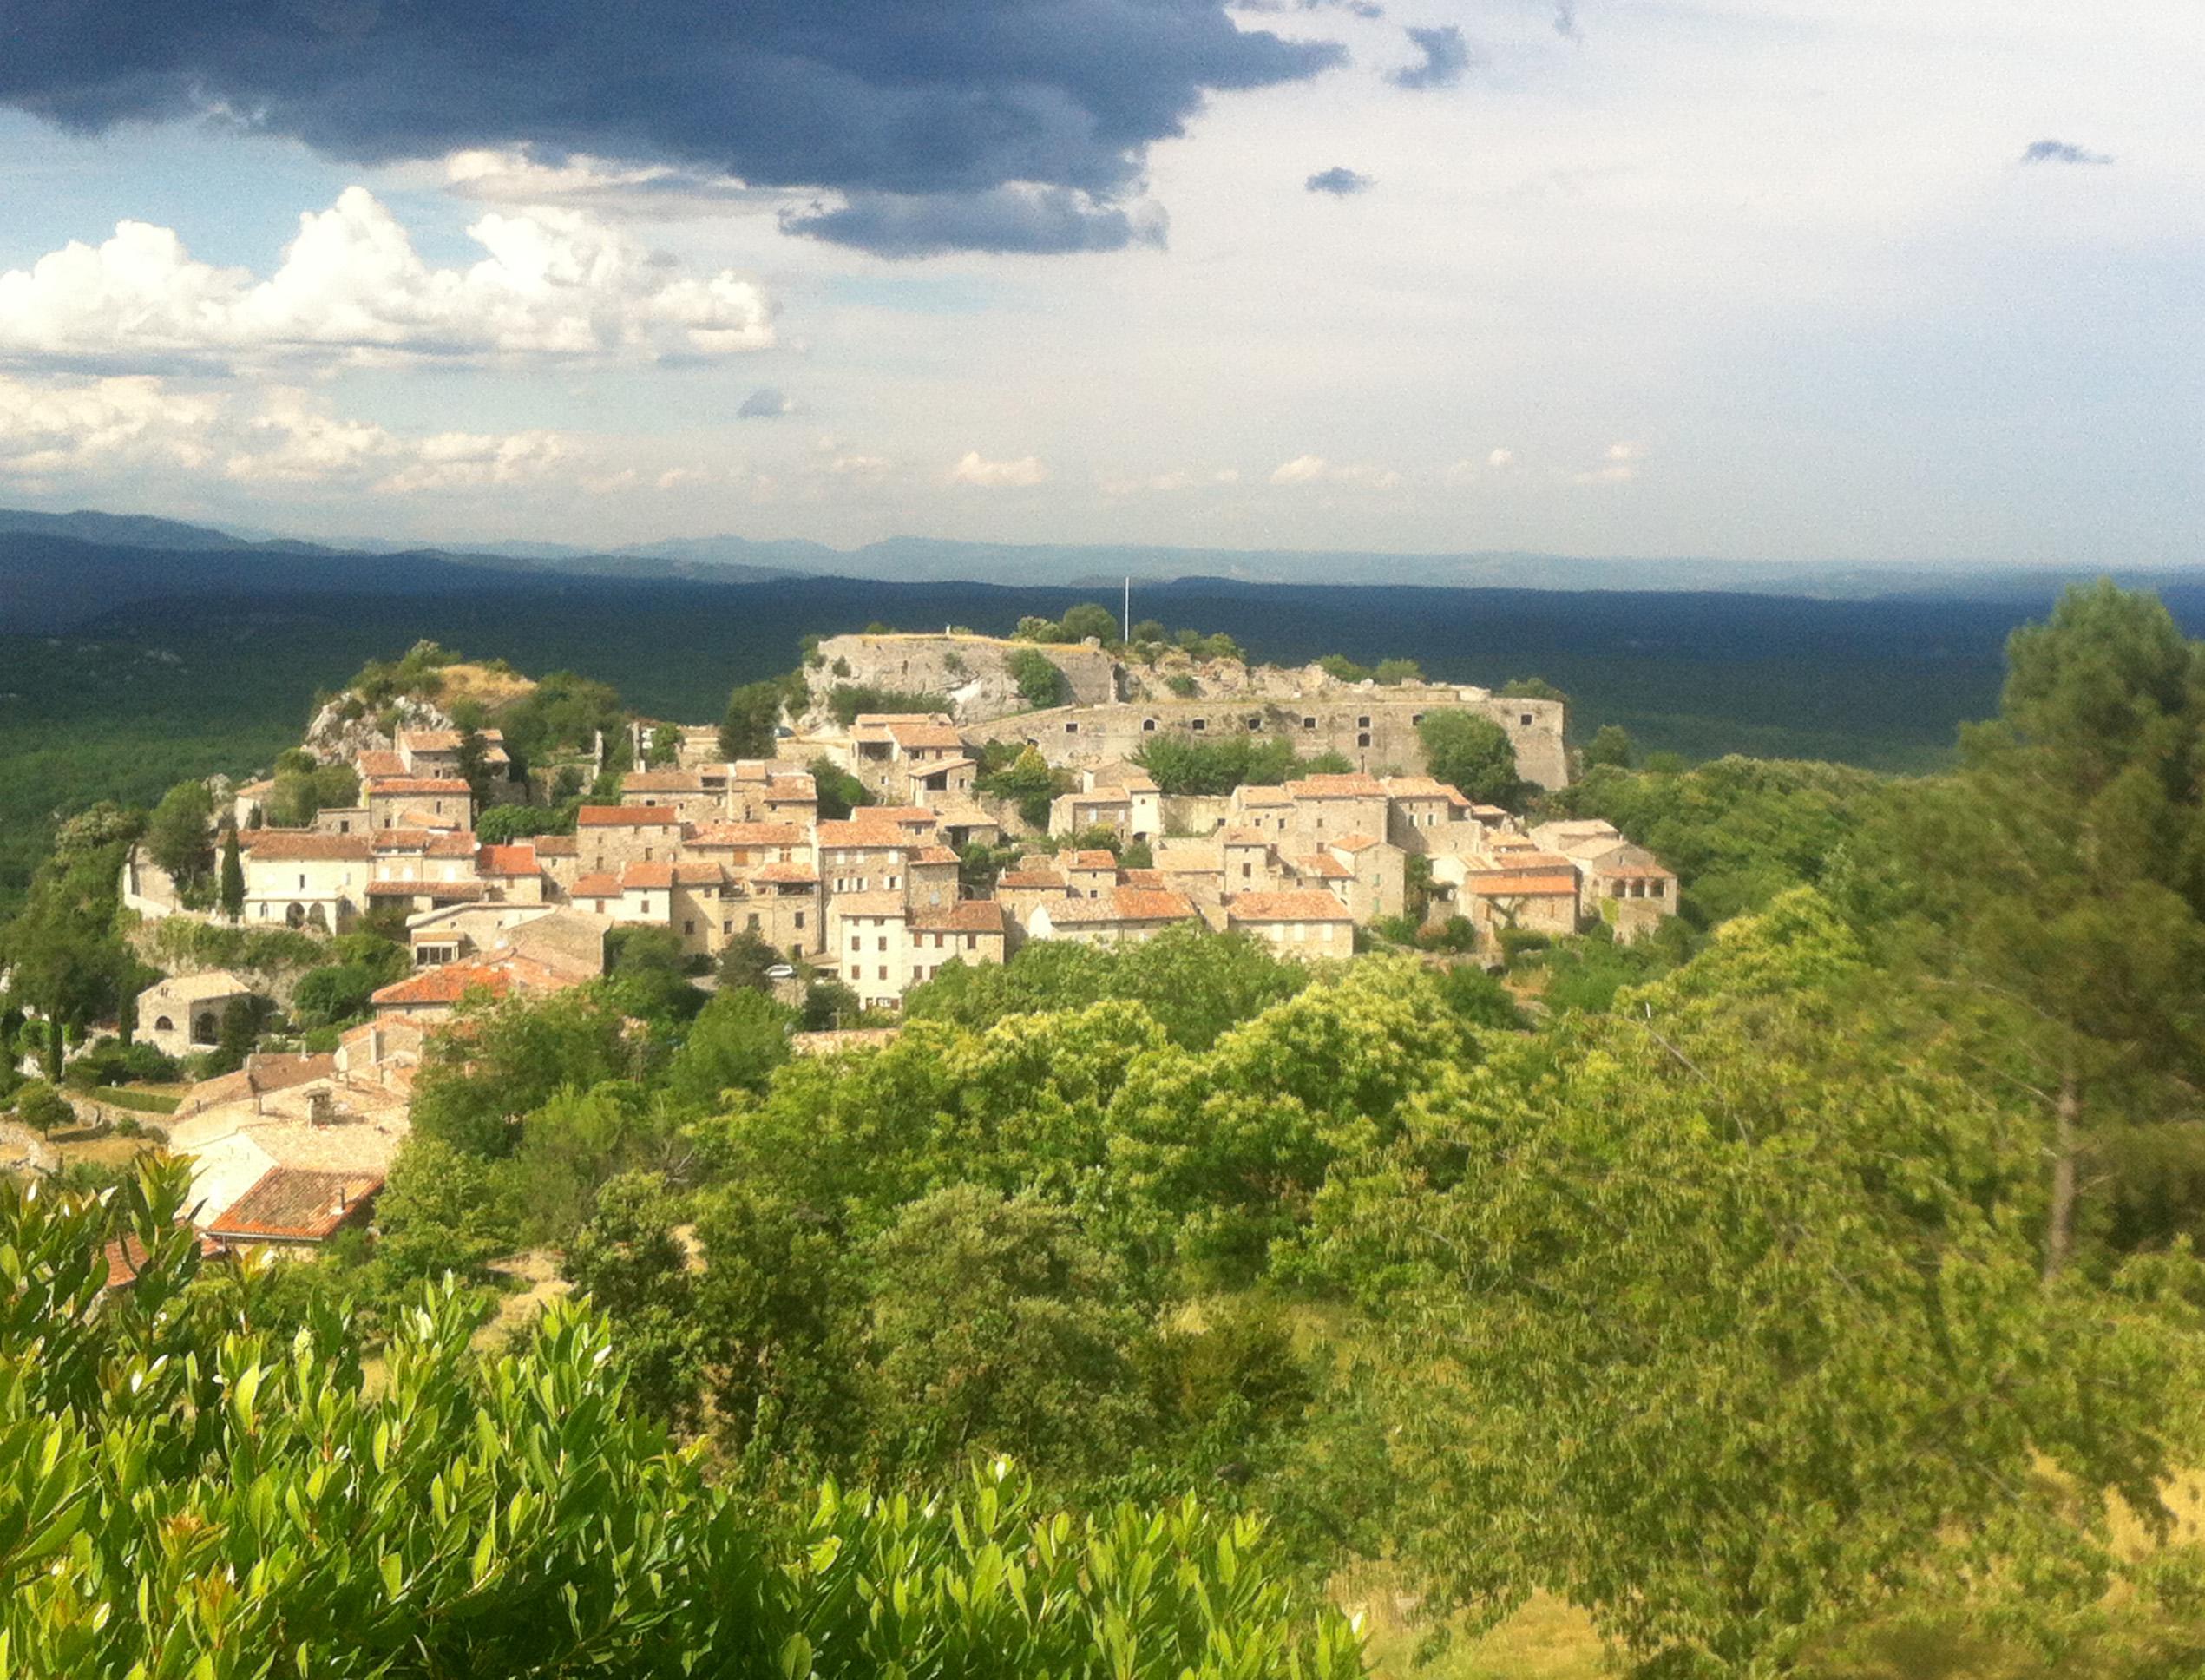 Restauration du quartier médiéval (Banne, Ardèche)